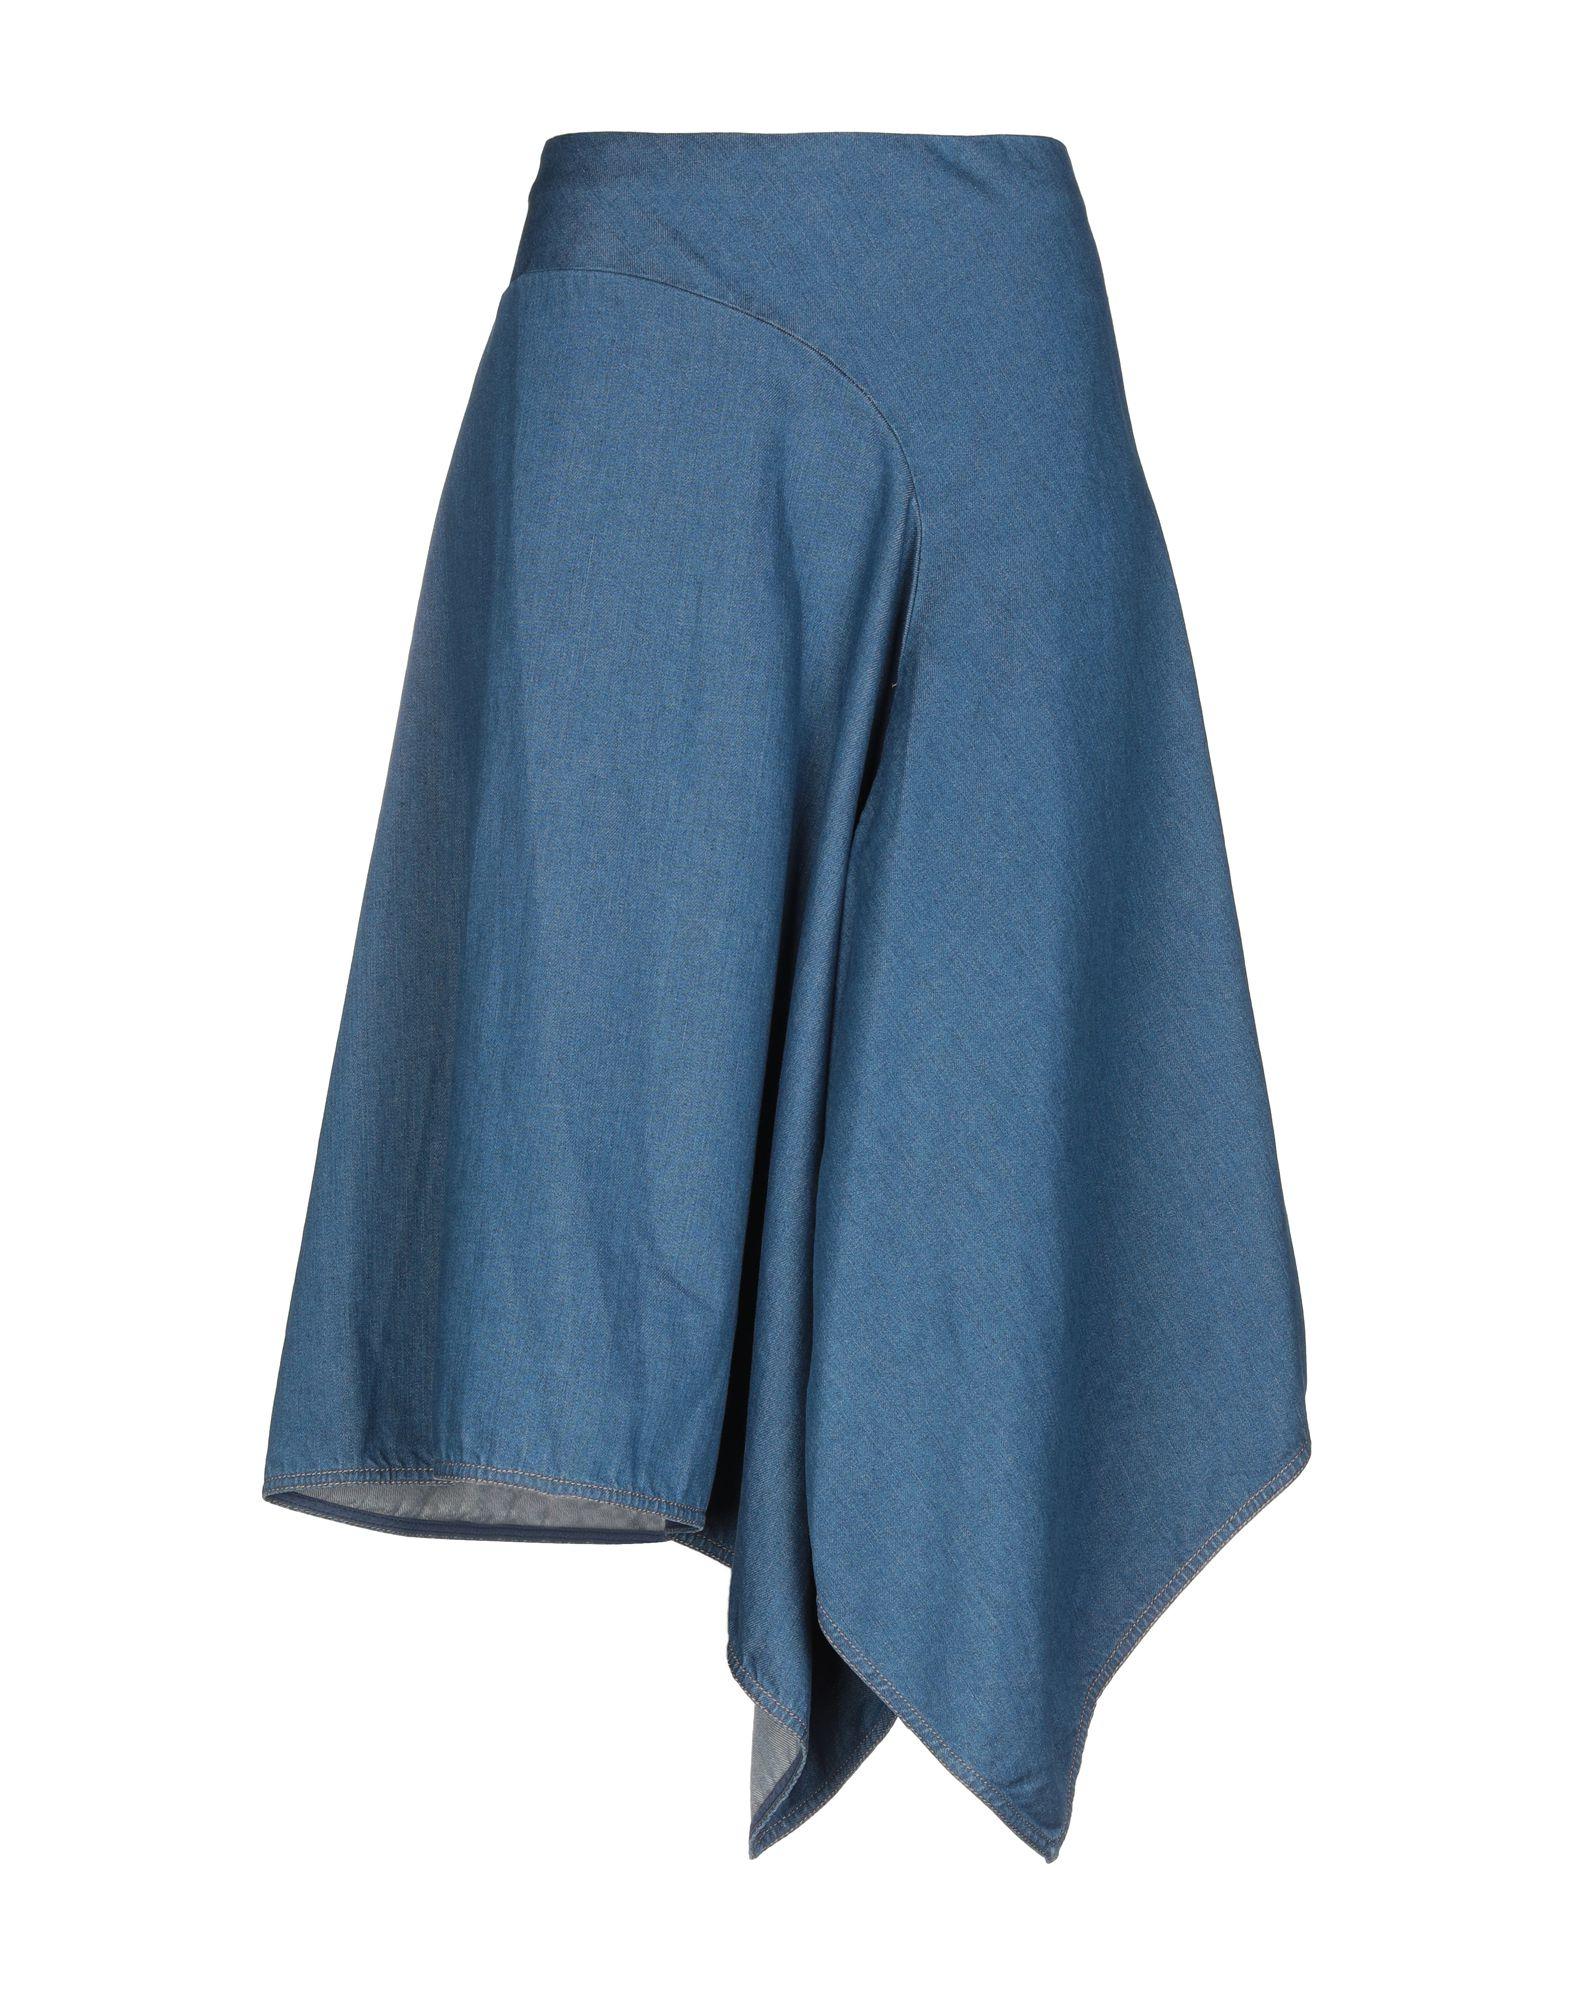 《送料無料》STELLA McCARTNEY レディース デニムスカート ブルー 46 コットン 100%